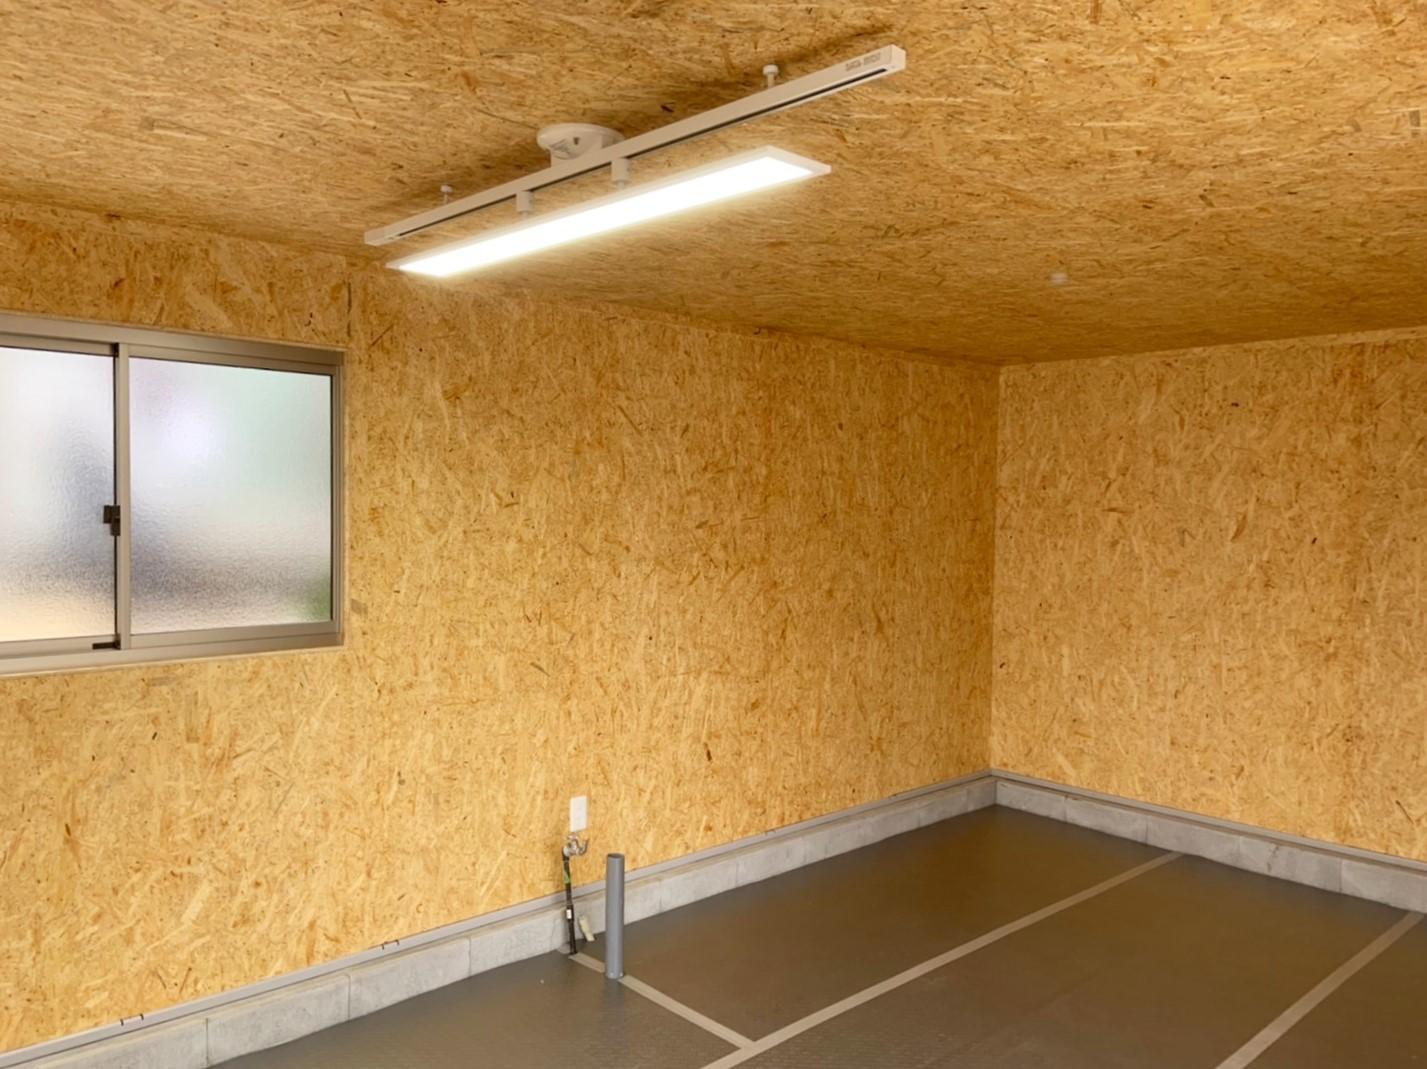 千葉県浦安市A様邸 ガレージの内装工事